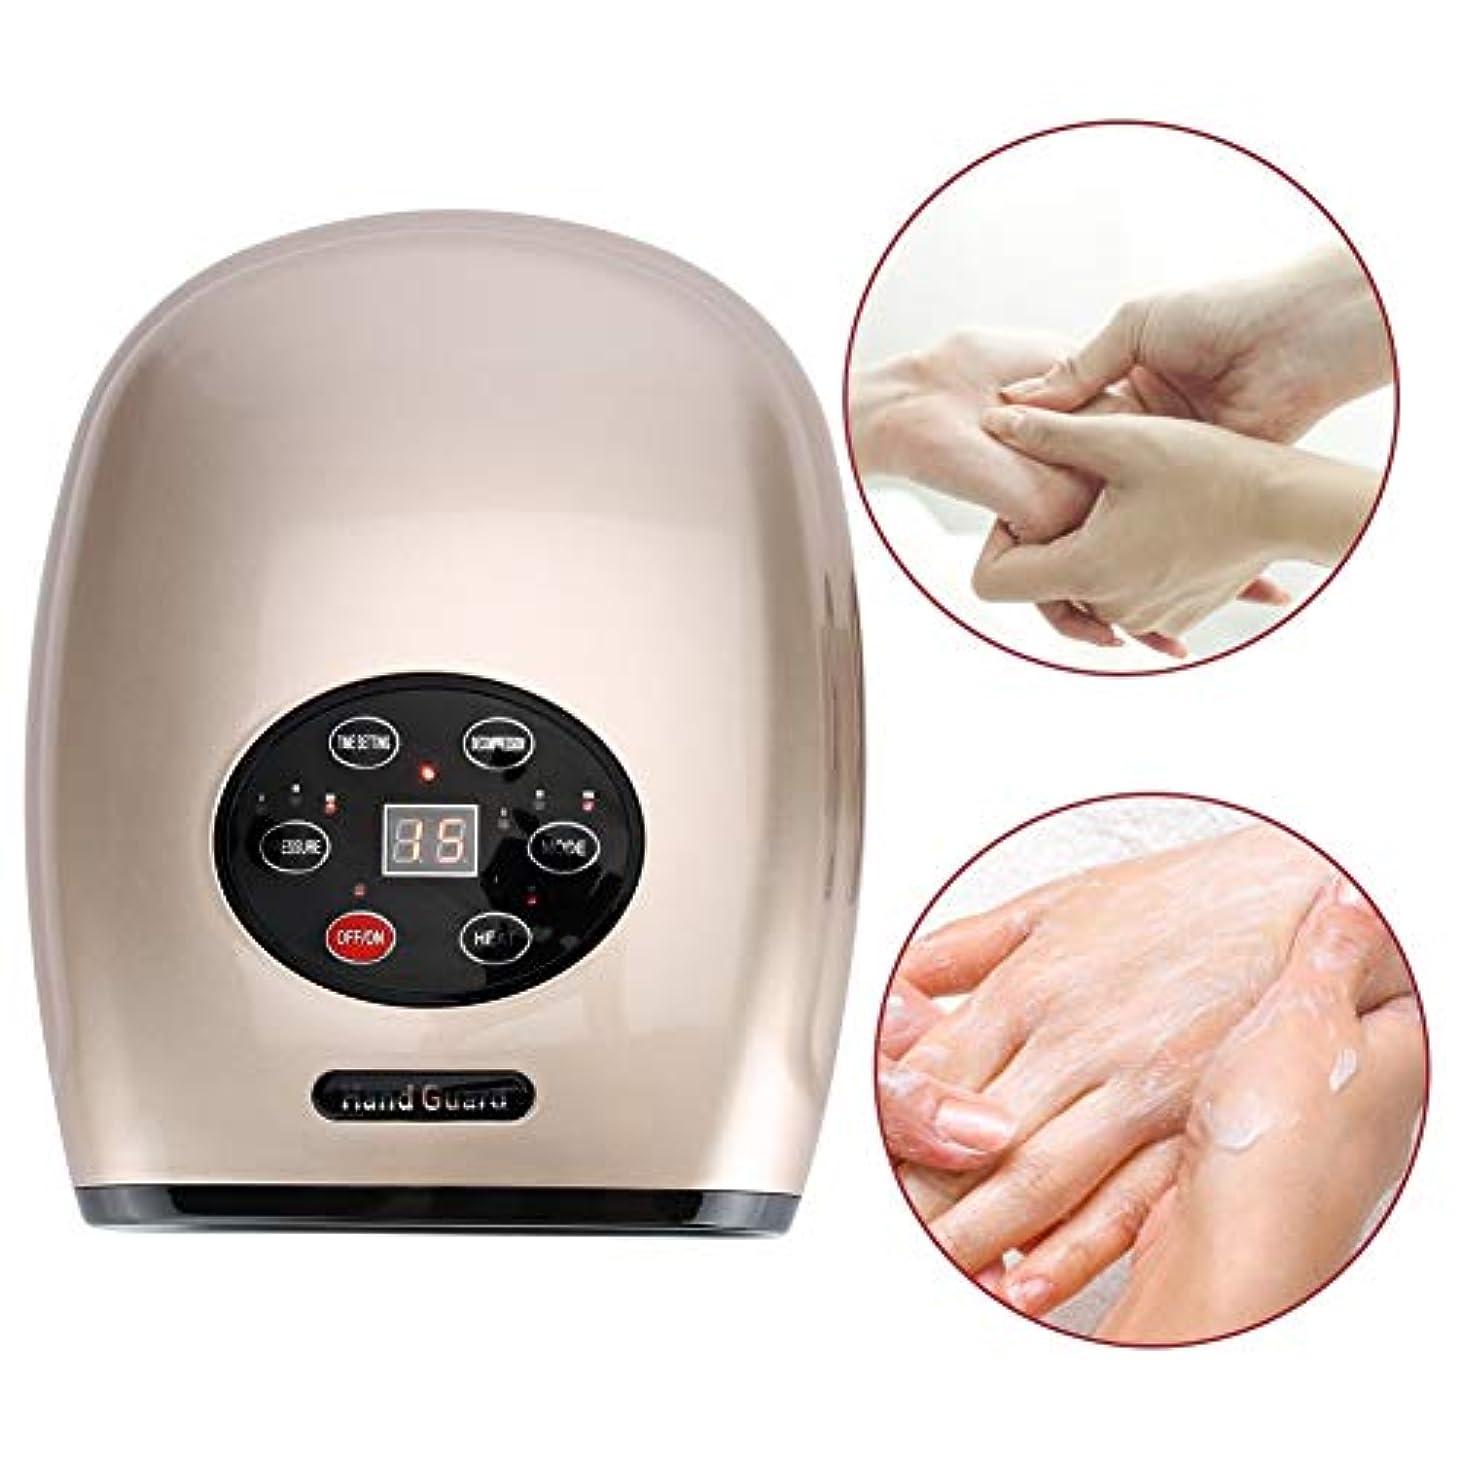 パトロン医薬光電気指圧手のひらマッサージ、指の寒さひずみとしびれリリーフフィンガーアポイントマッサージリリーフハンドケアツール(Gold US Plug)